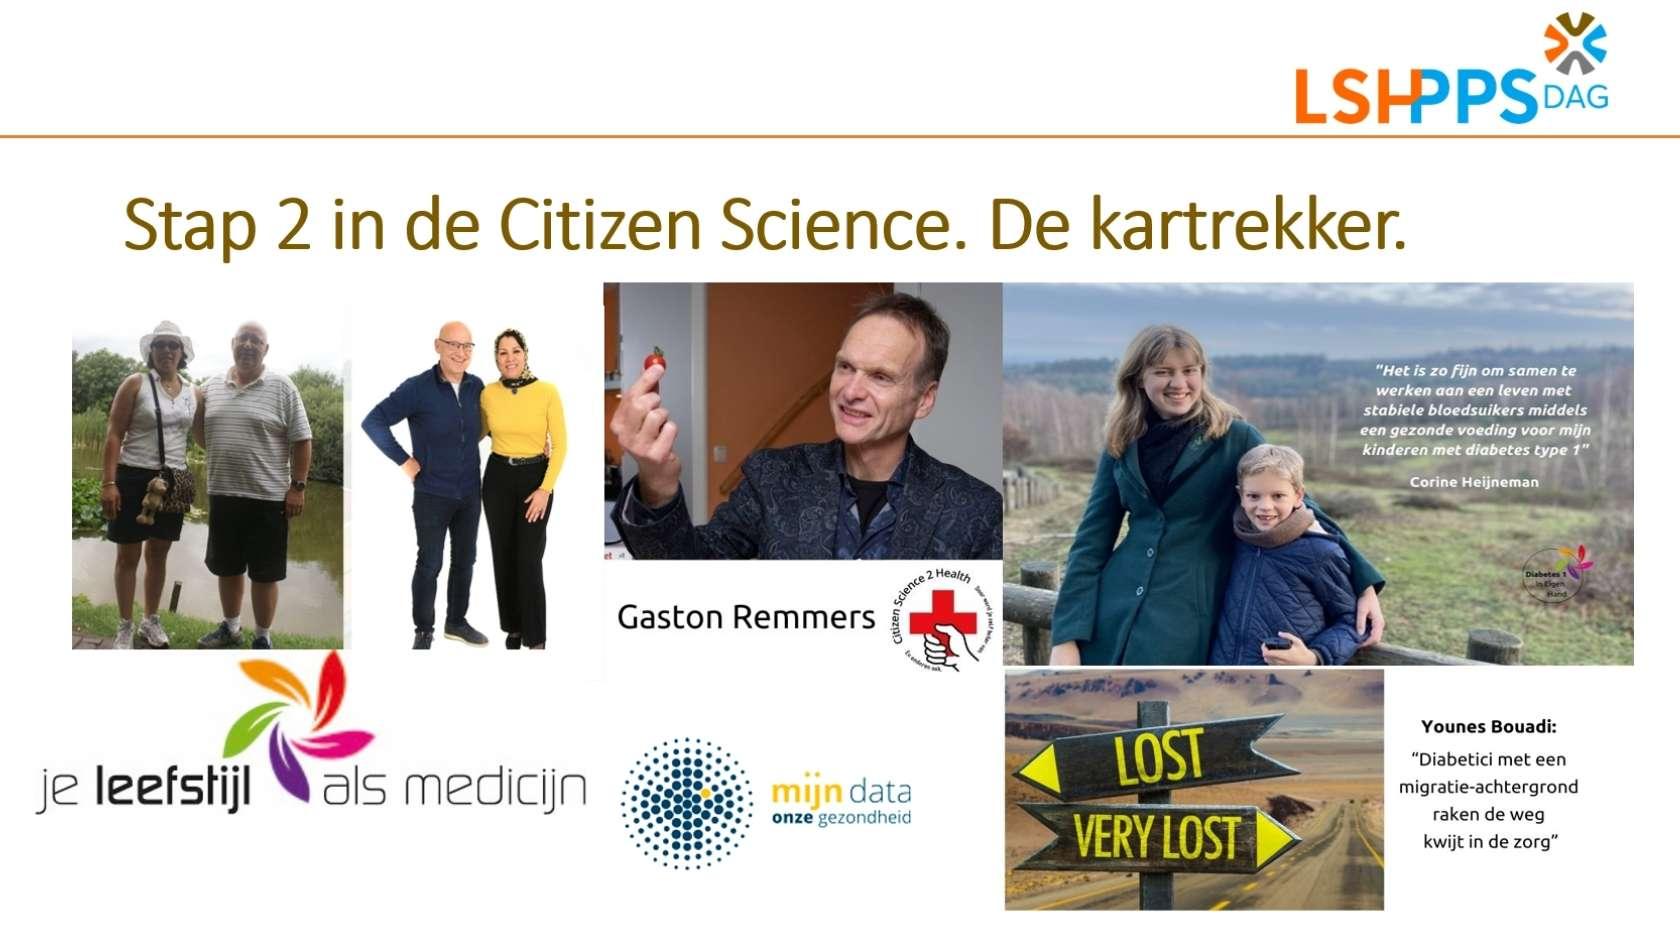 Citizen Science de kartrekker